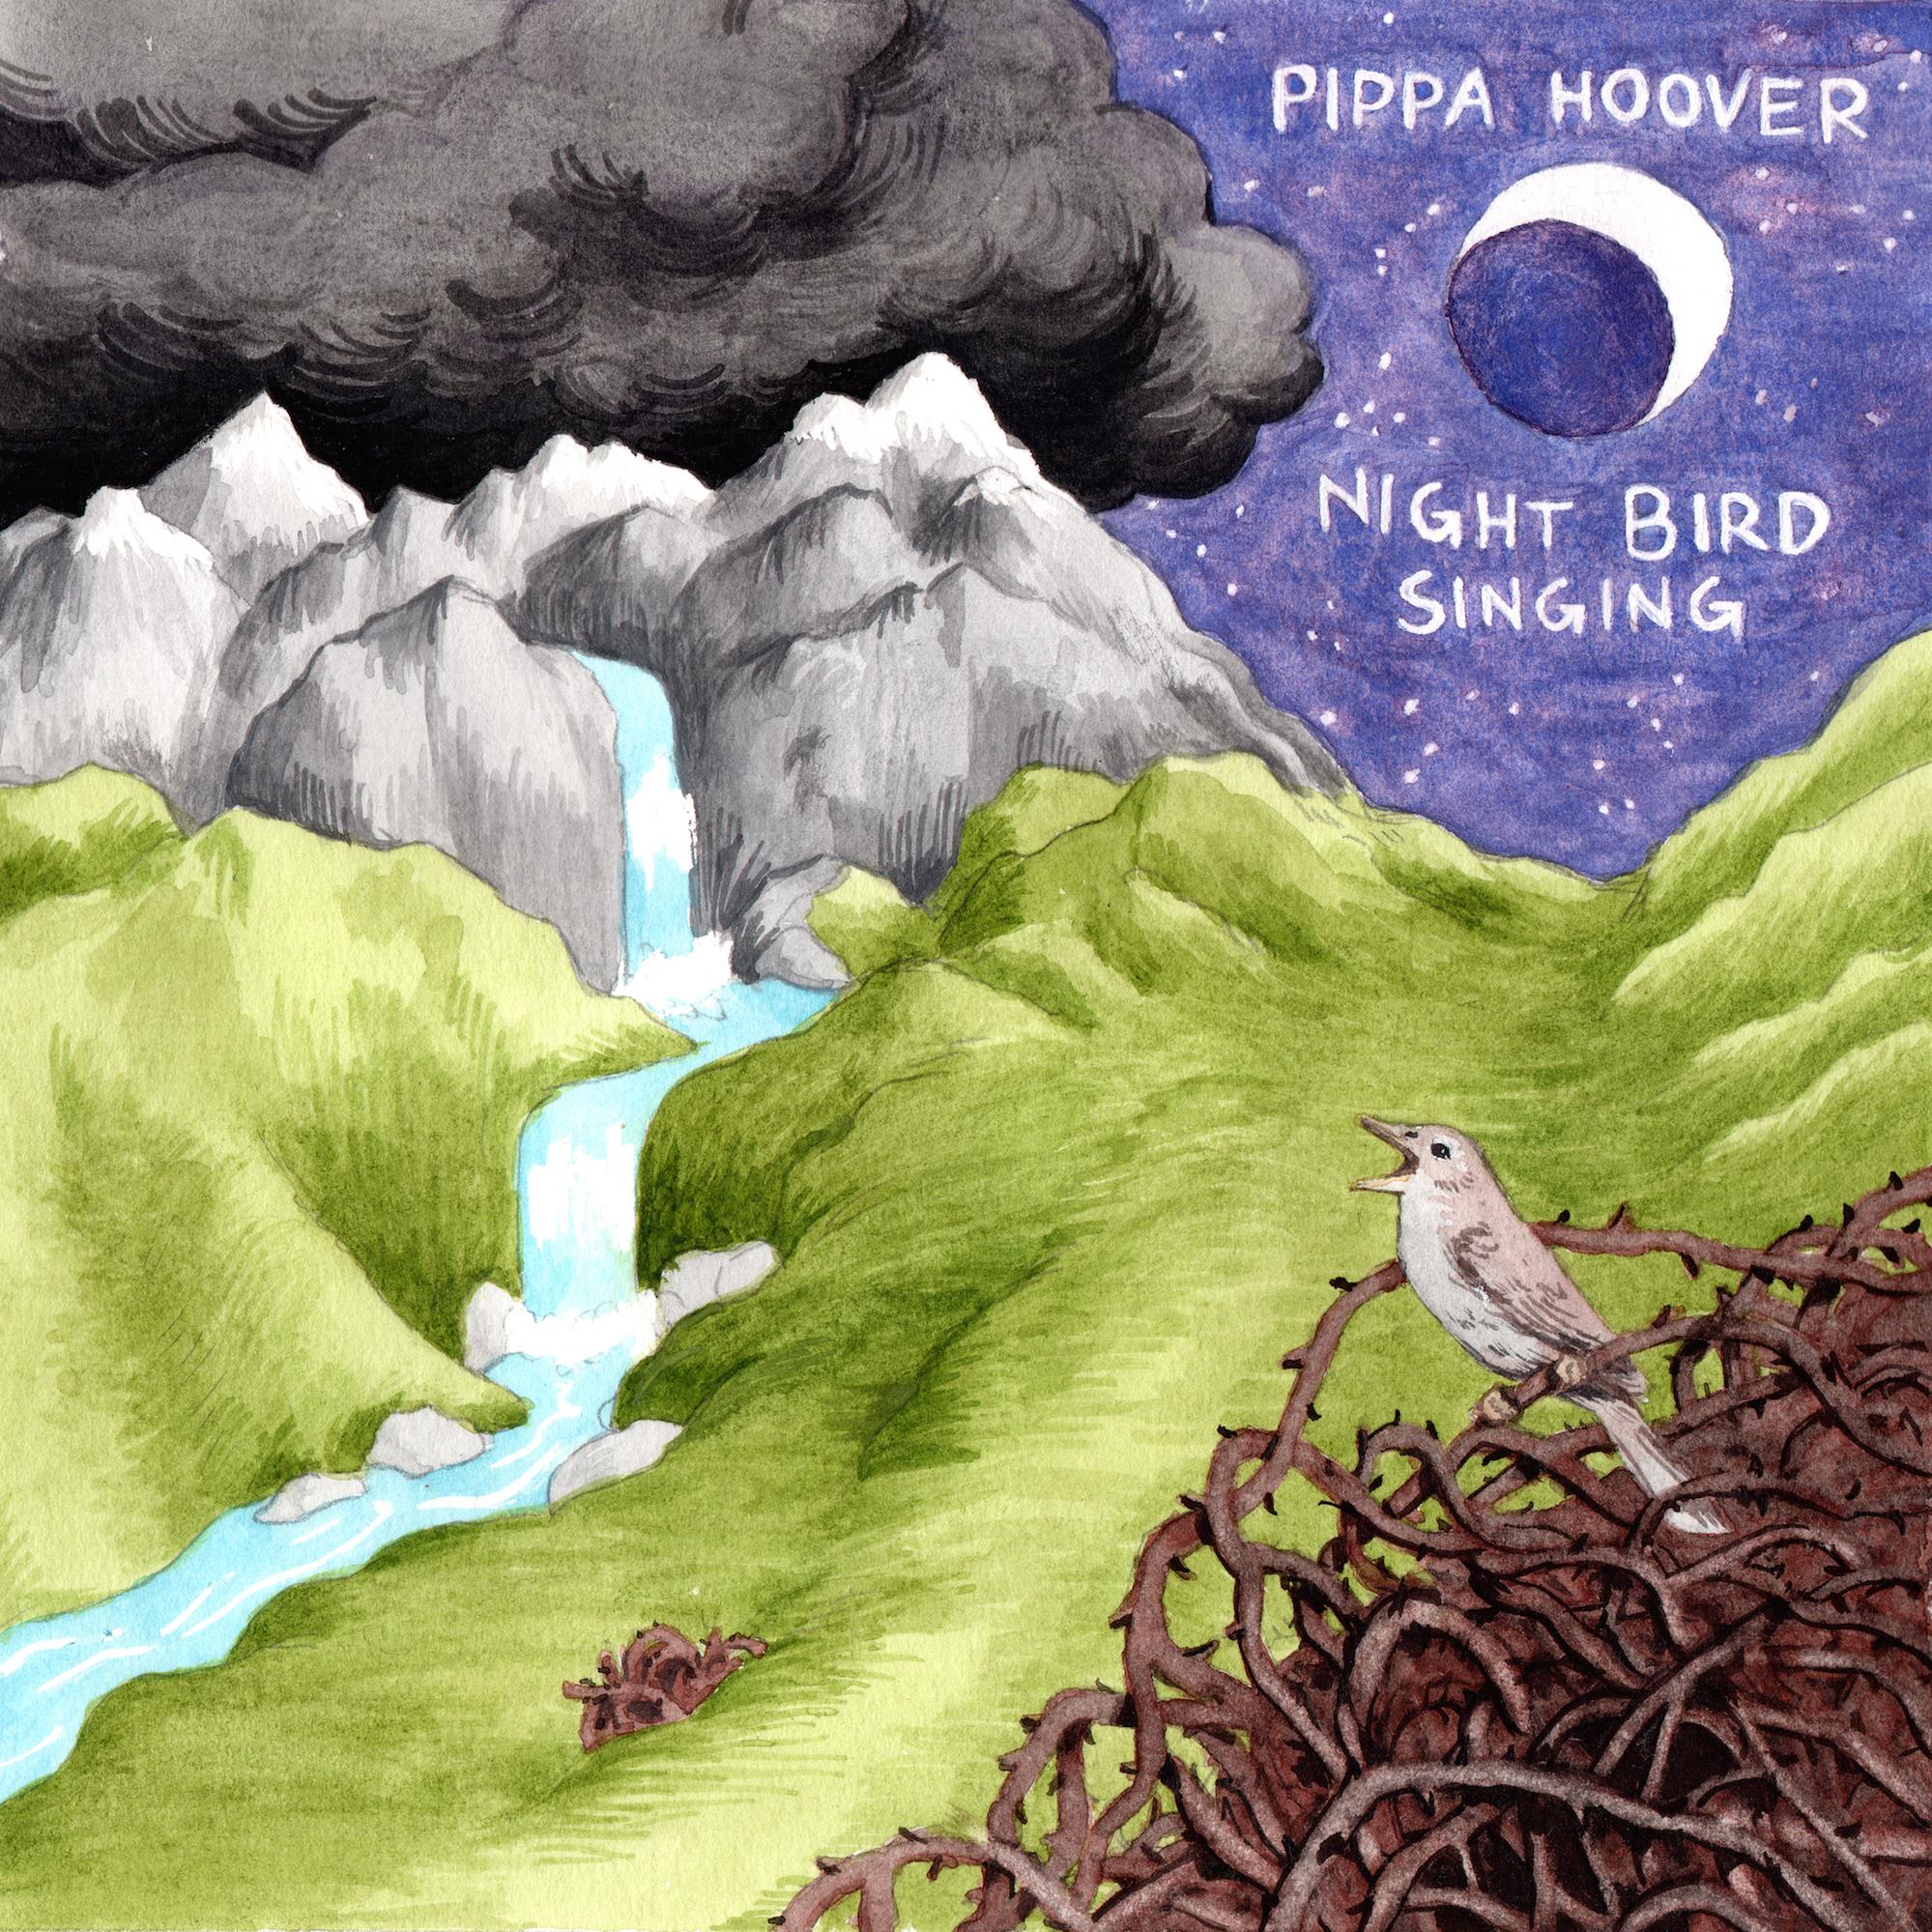 <i>Night Bird Singing</i> album cover. <br>Art by Laura Hamon.